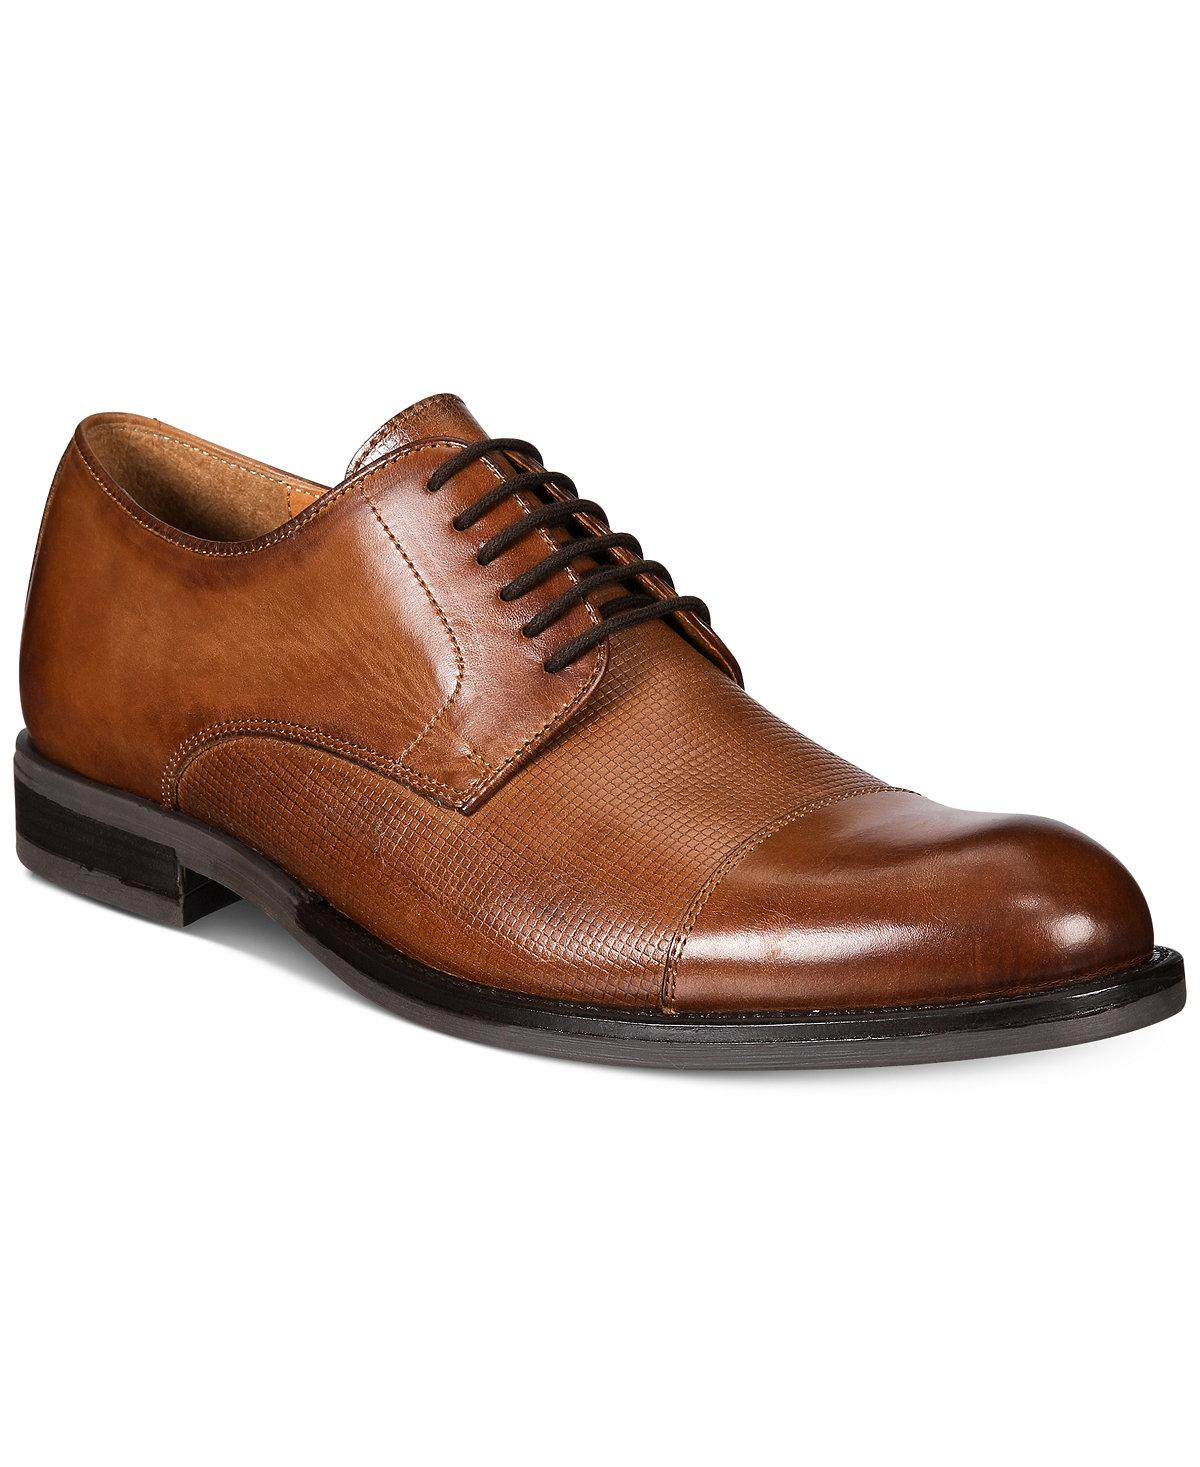 Alfani Men's Dress Shoes w/ Leather Upper 2 for $51 ($25.50 each + earn $10 in Macys Money) + free shipping